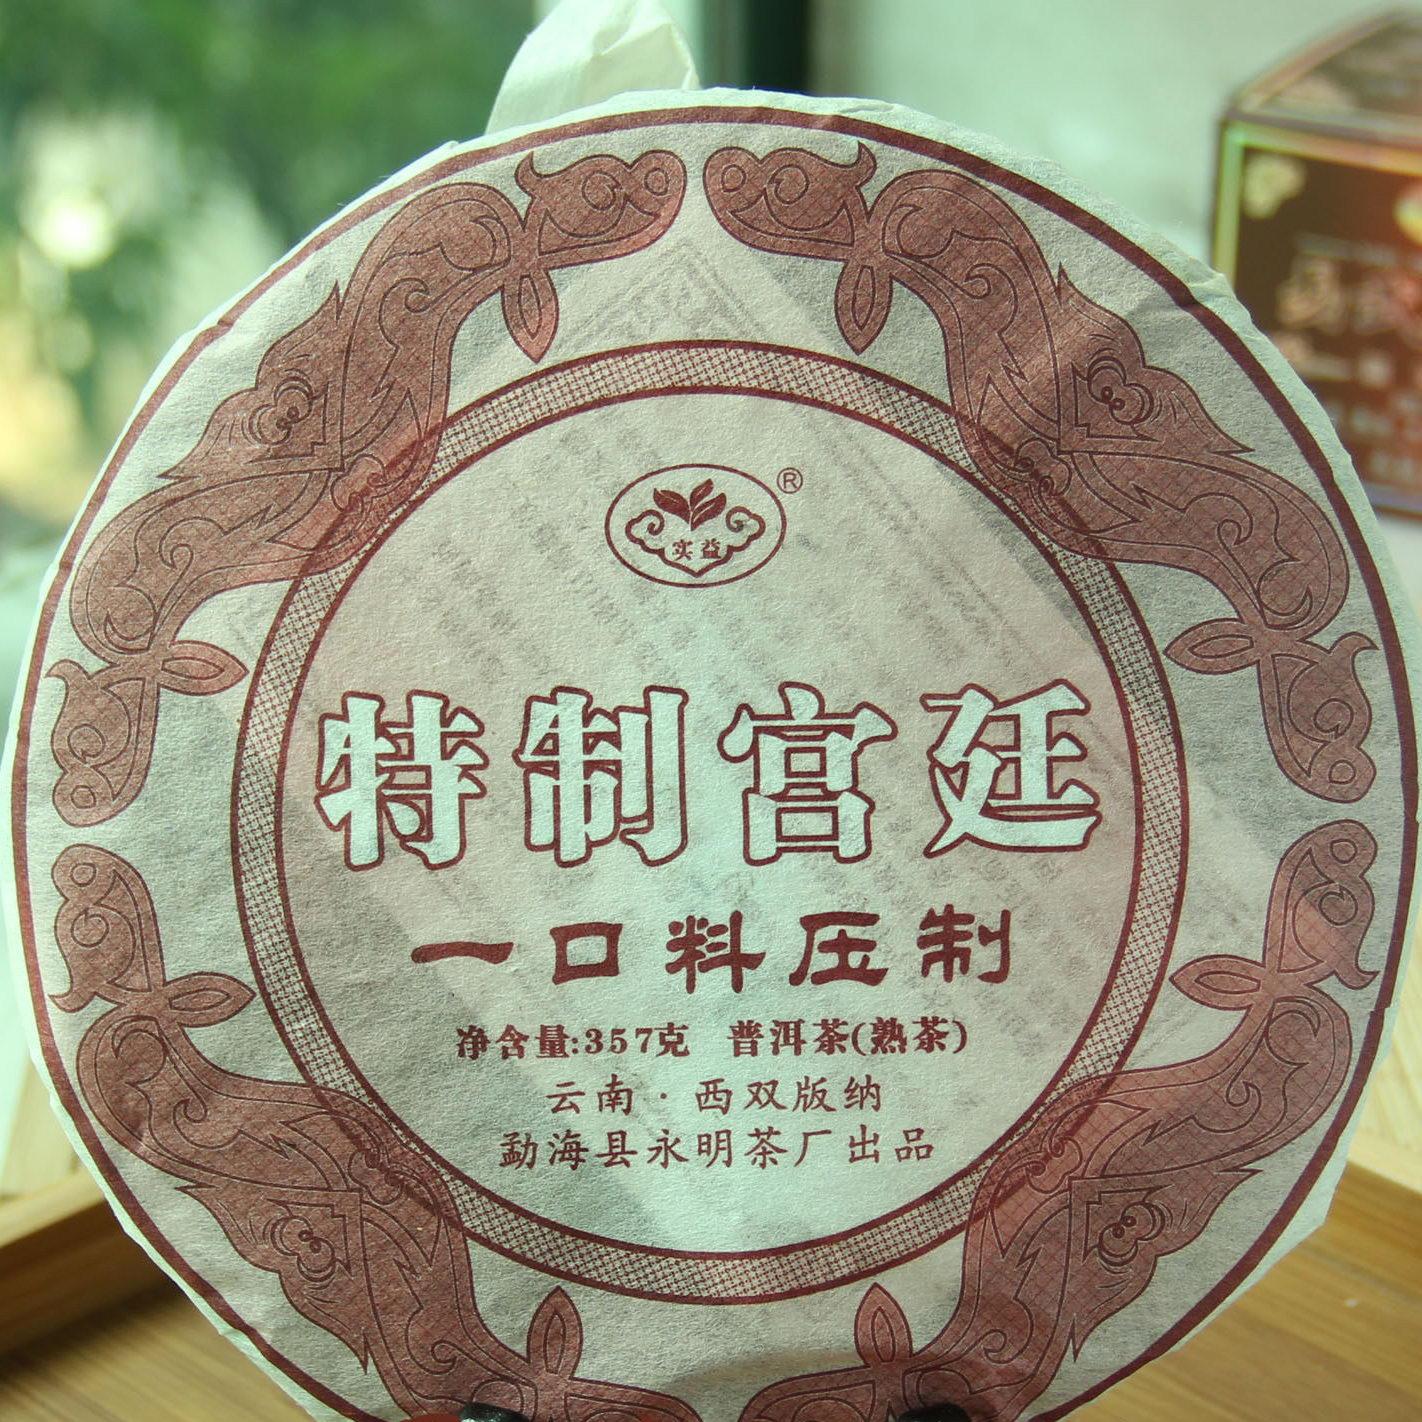 элитный чай шу пуэр